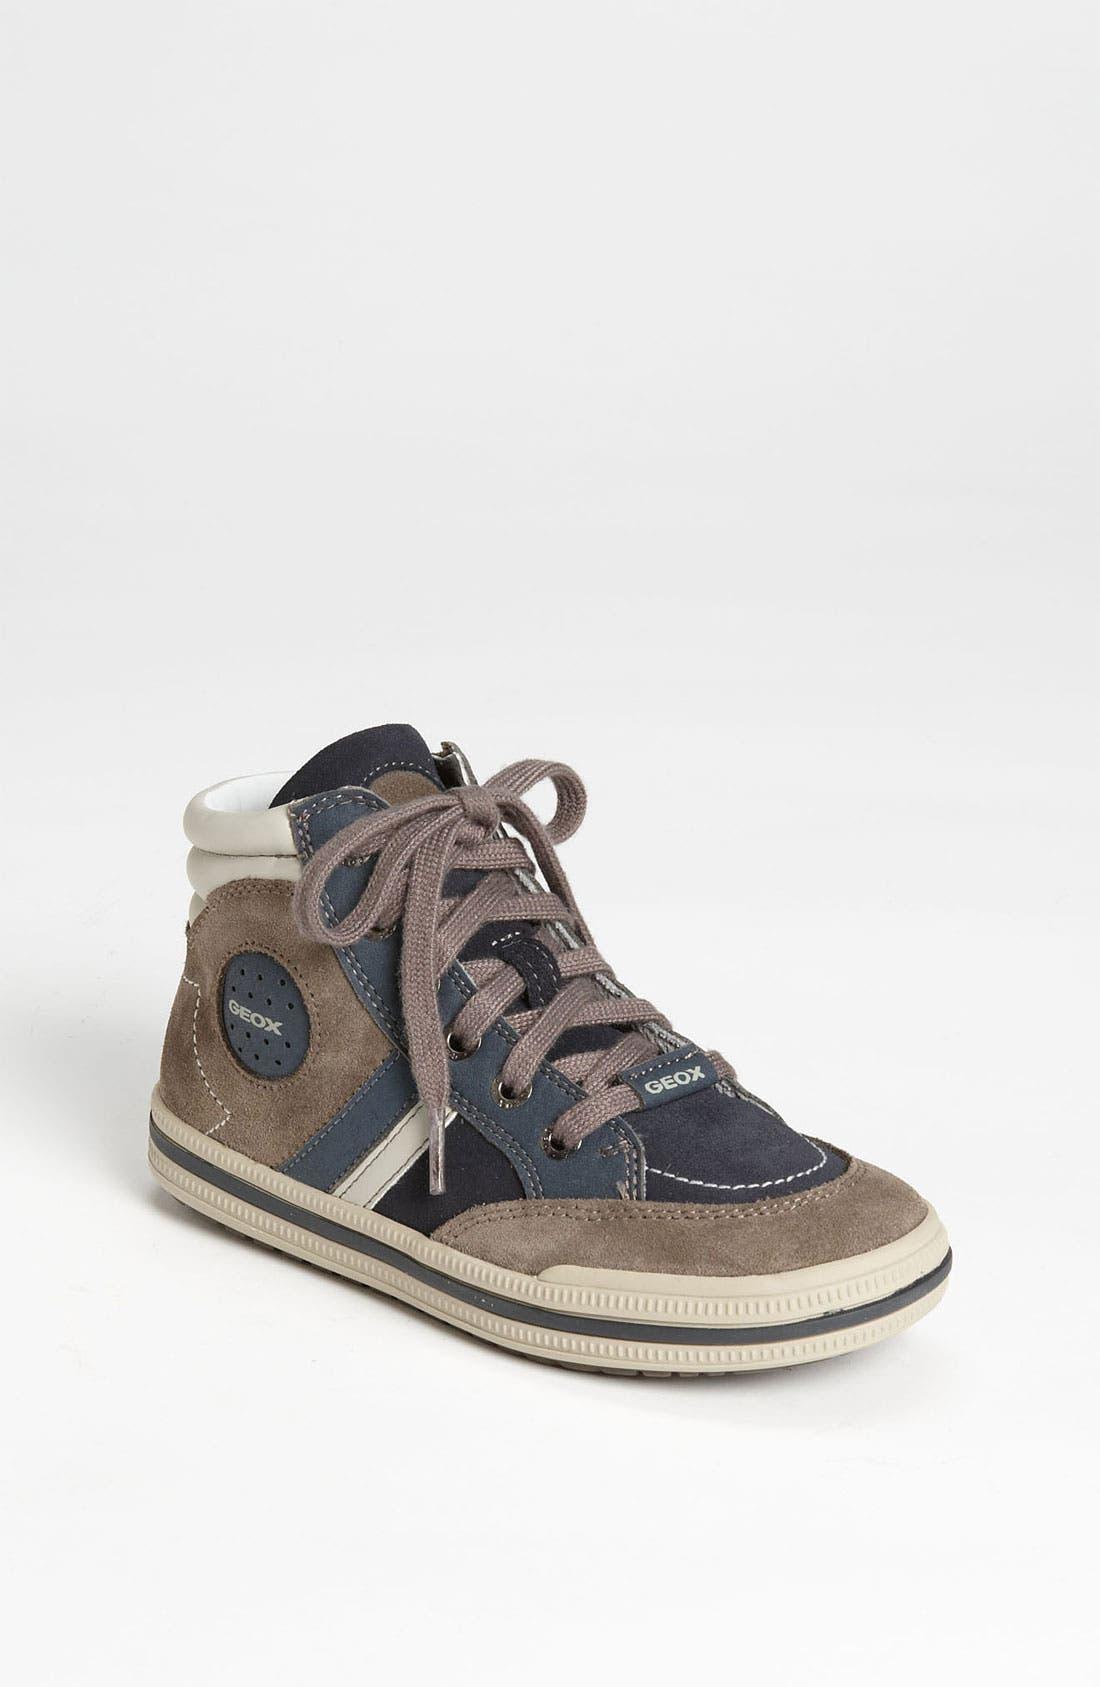 Alternate Image 1 Selected - Geox High Top Sneaker (Toddler, Little Kid & Big Kid)